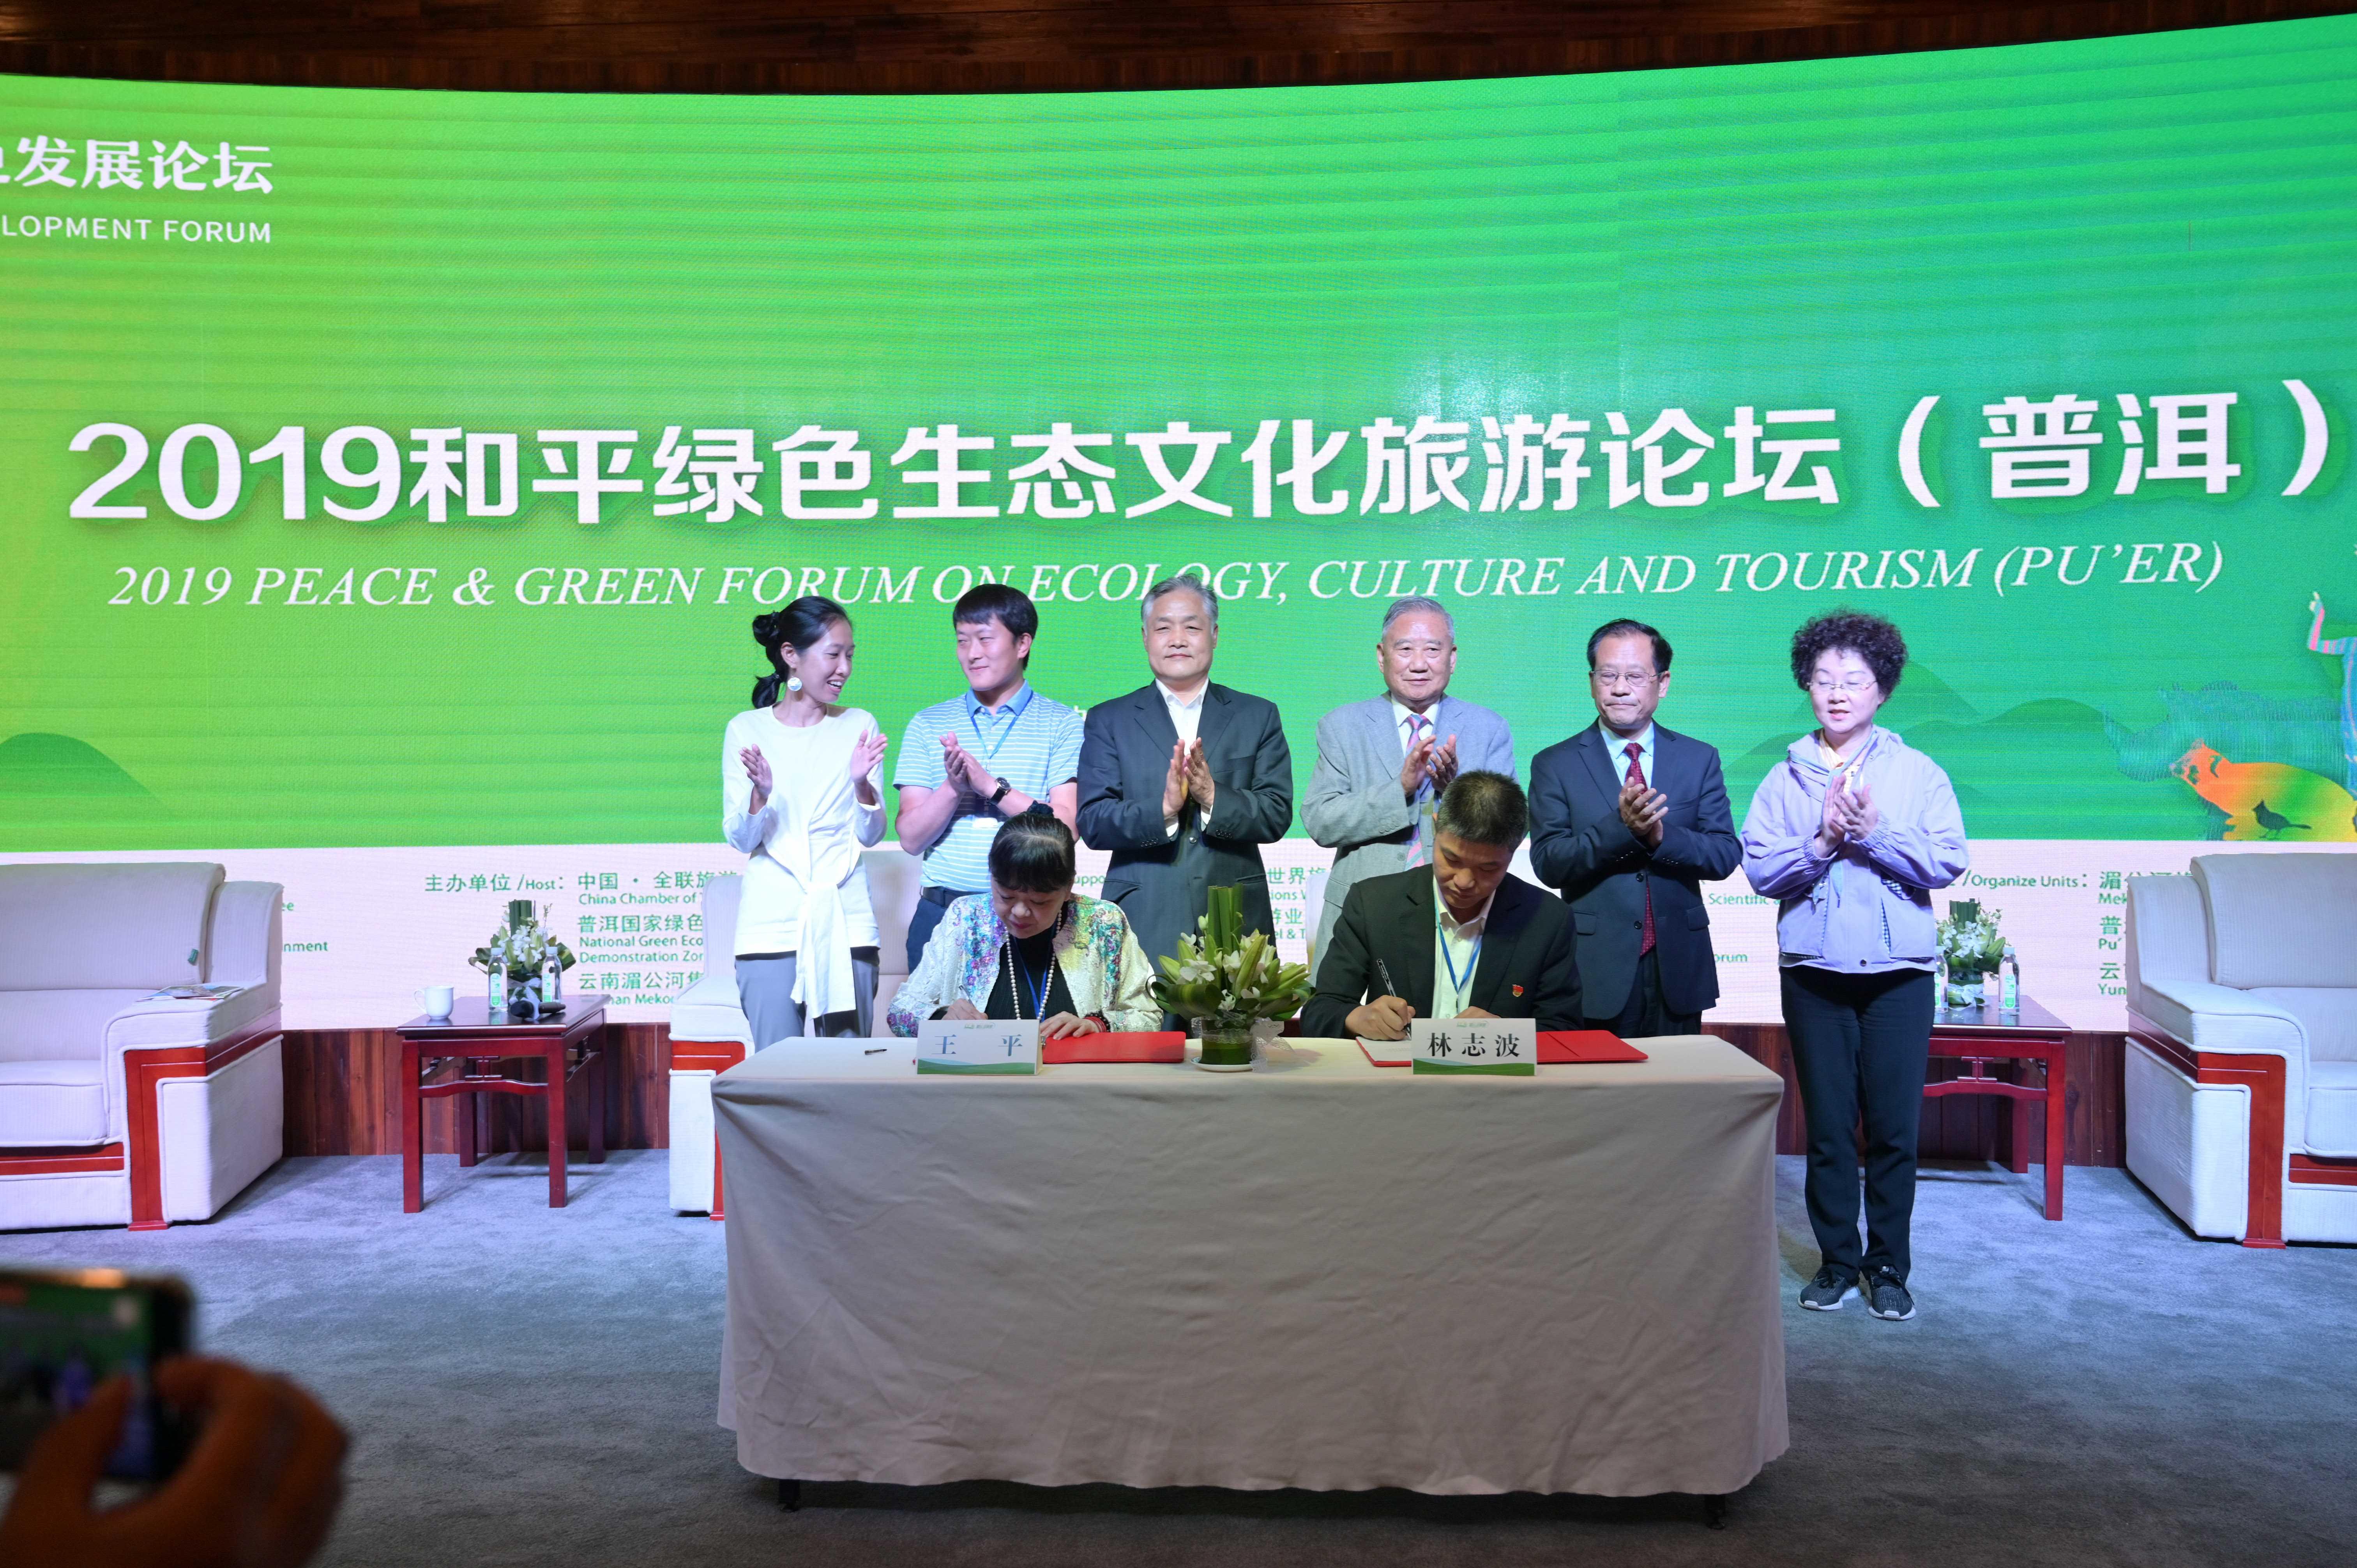 精选-13-1商会与迪庆州签署战略合作协议